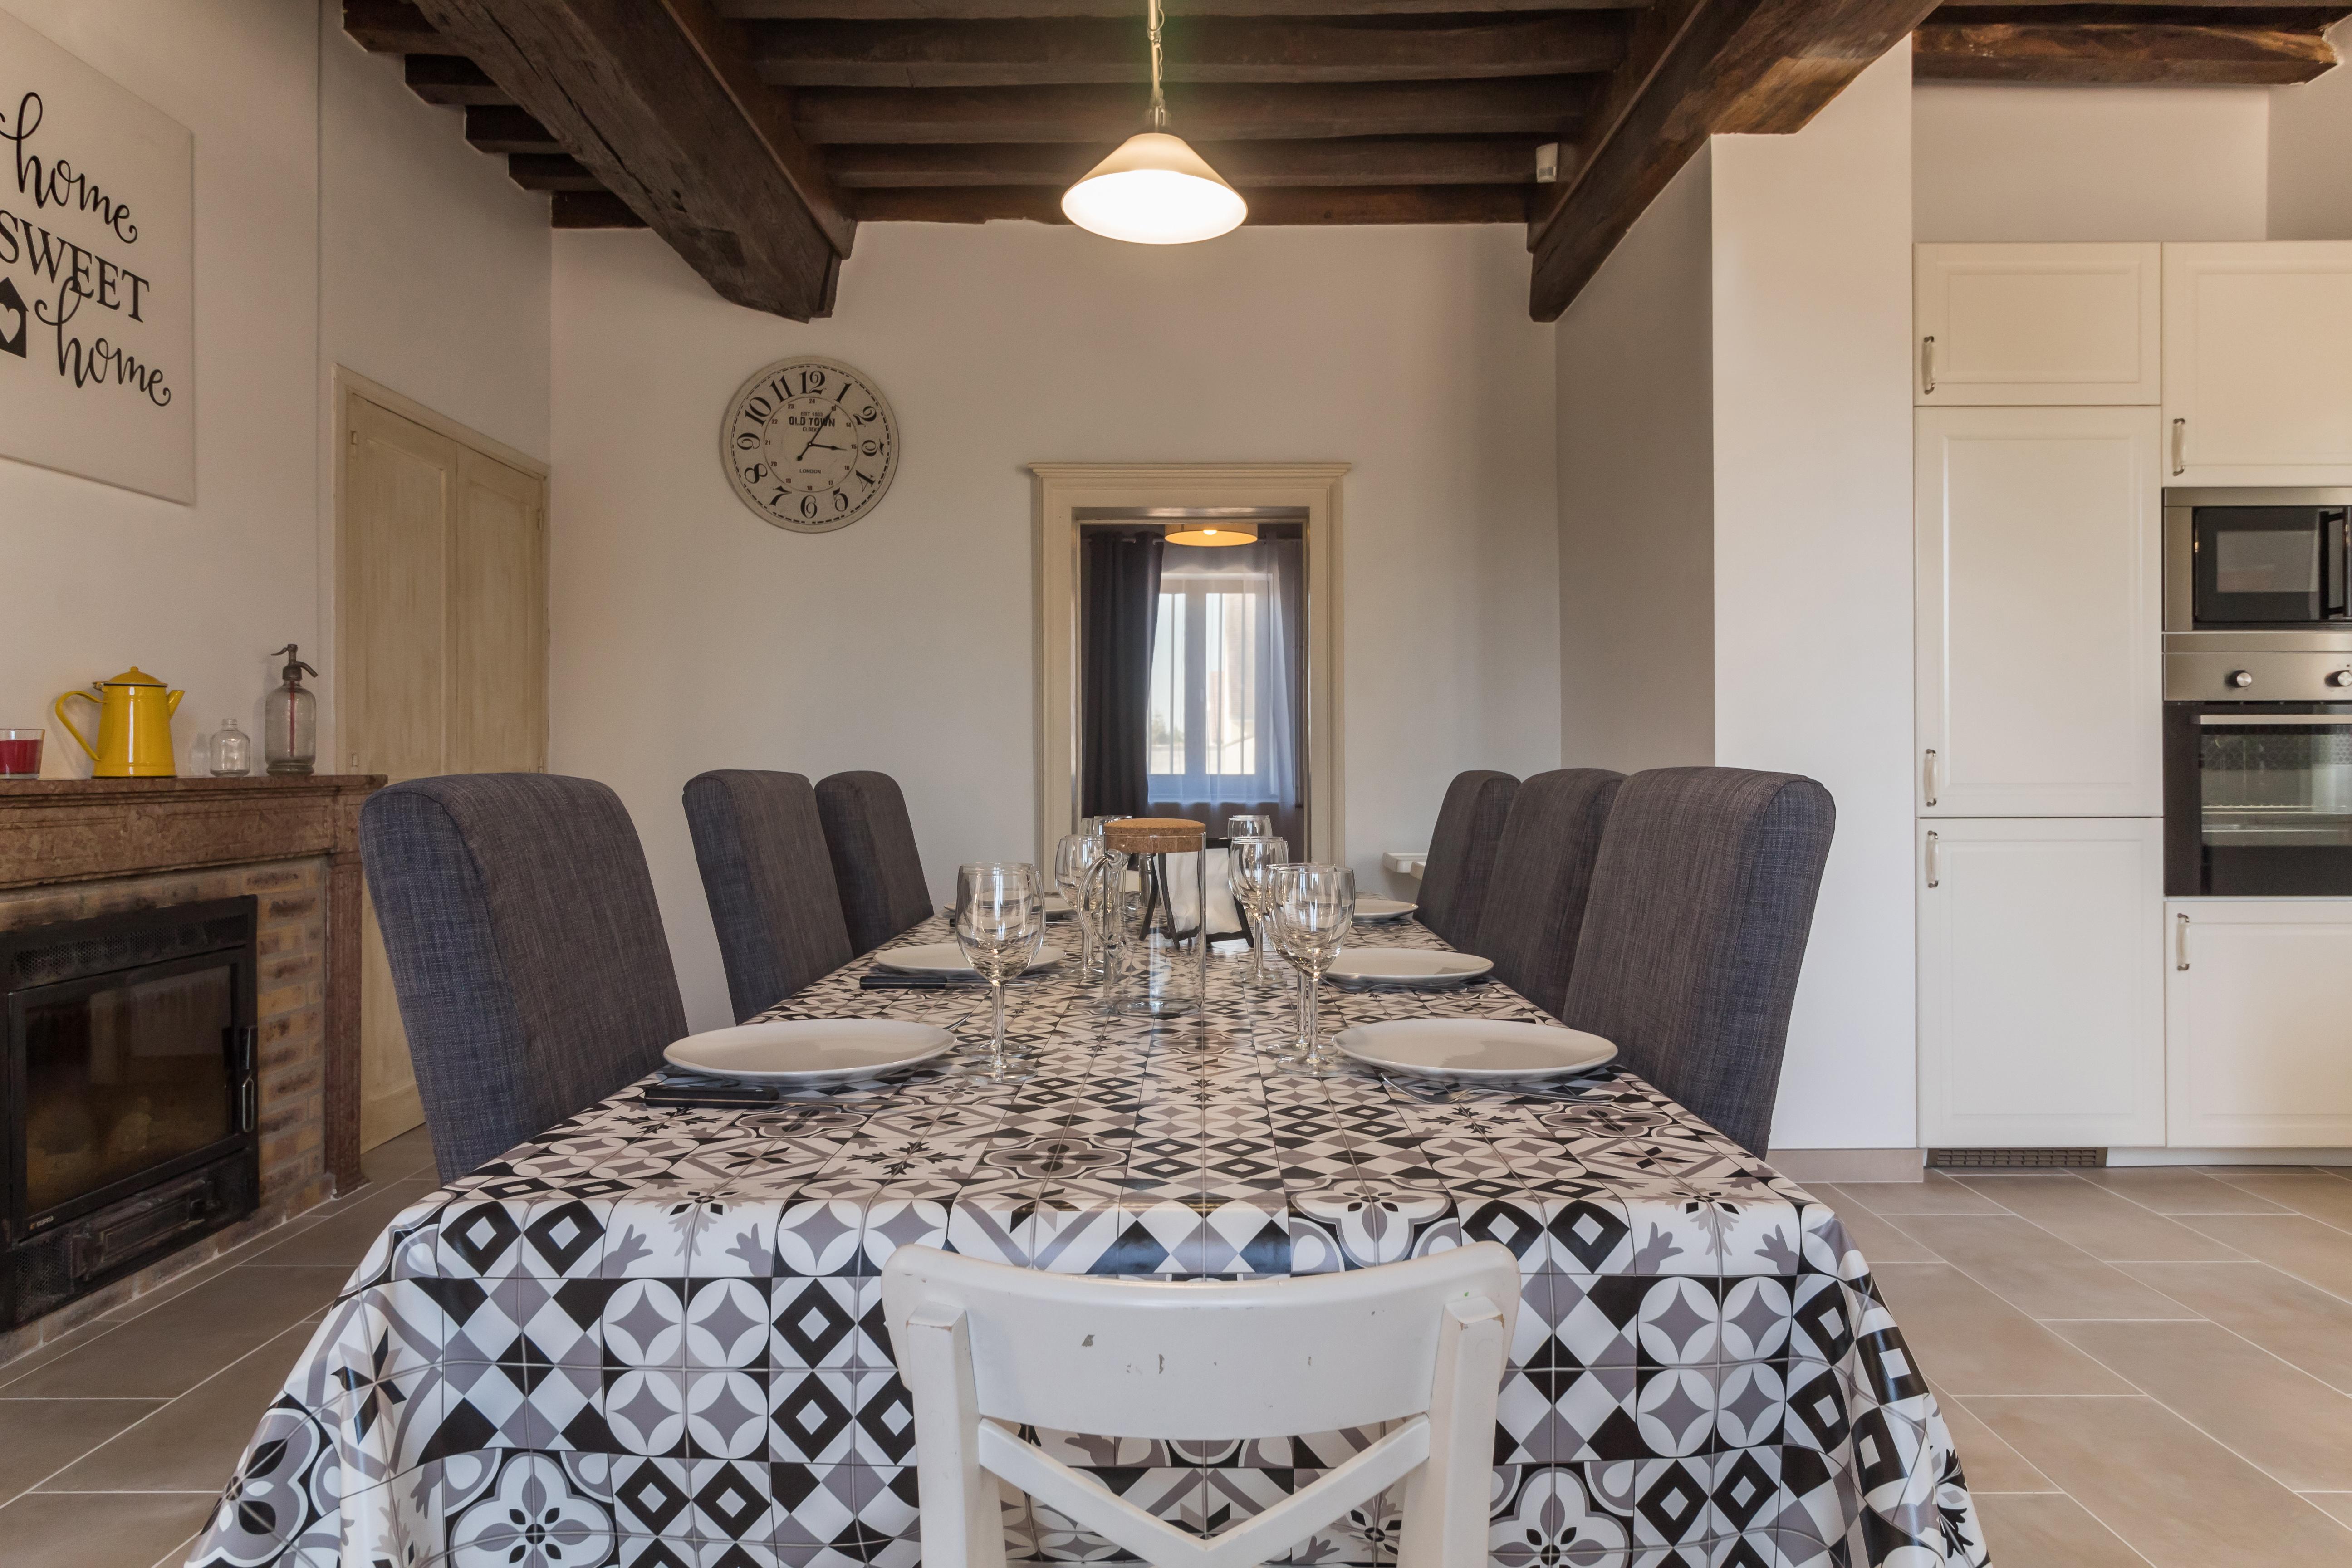 une cuisine et une salle à manger avec un feu de cheminée